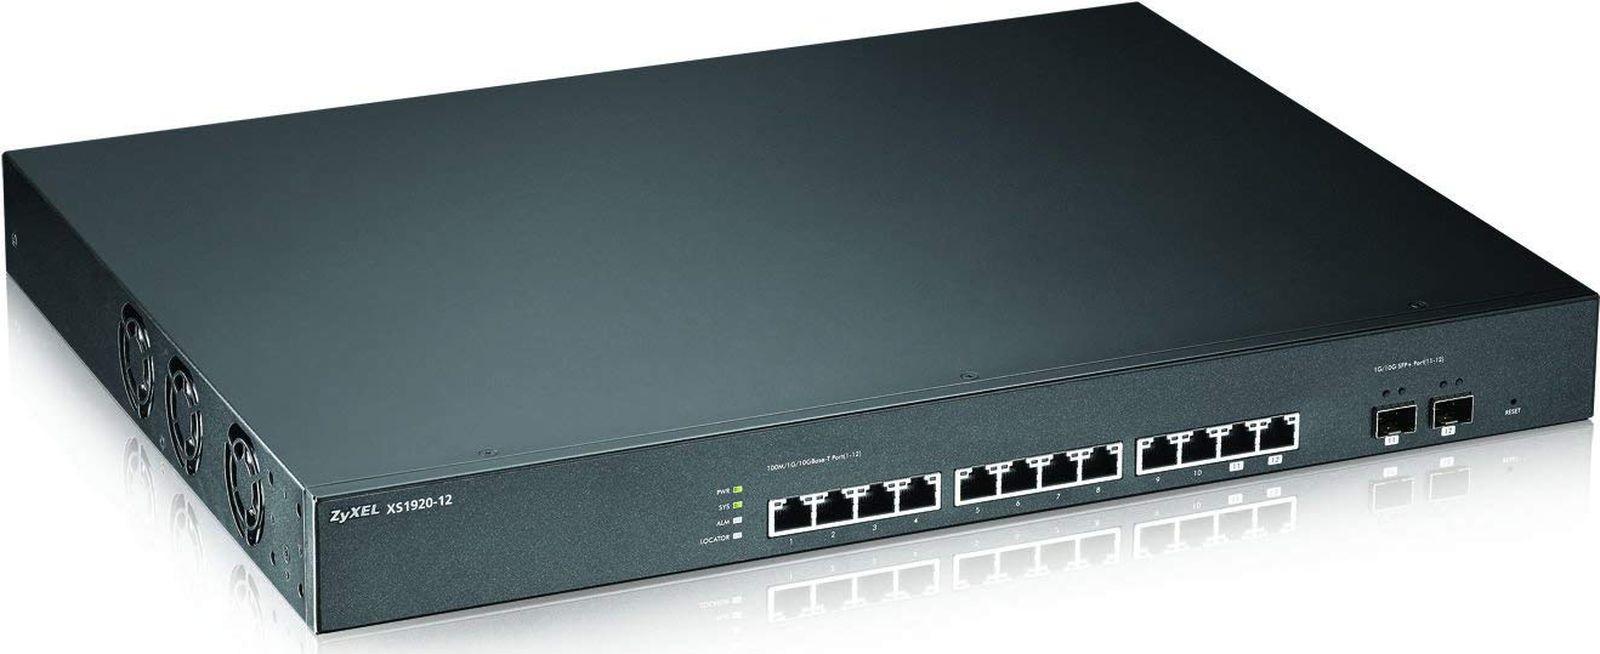 Коммутатор Zyxel XS1920-12-ZZ0101F 415163 12x10G 2SFP+ управляемый, 415163 коммутатор zyxel gs2210 48 gs2210 48